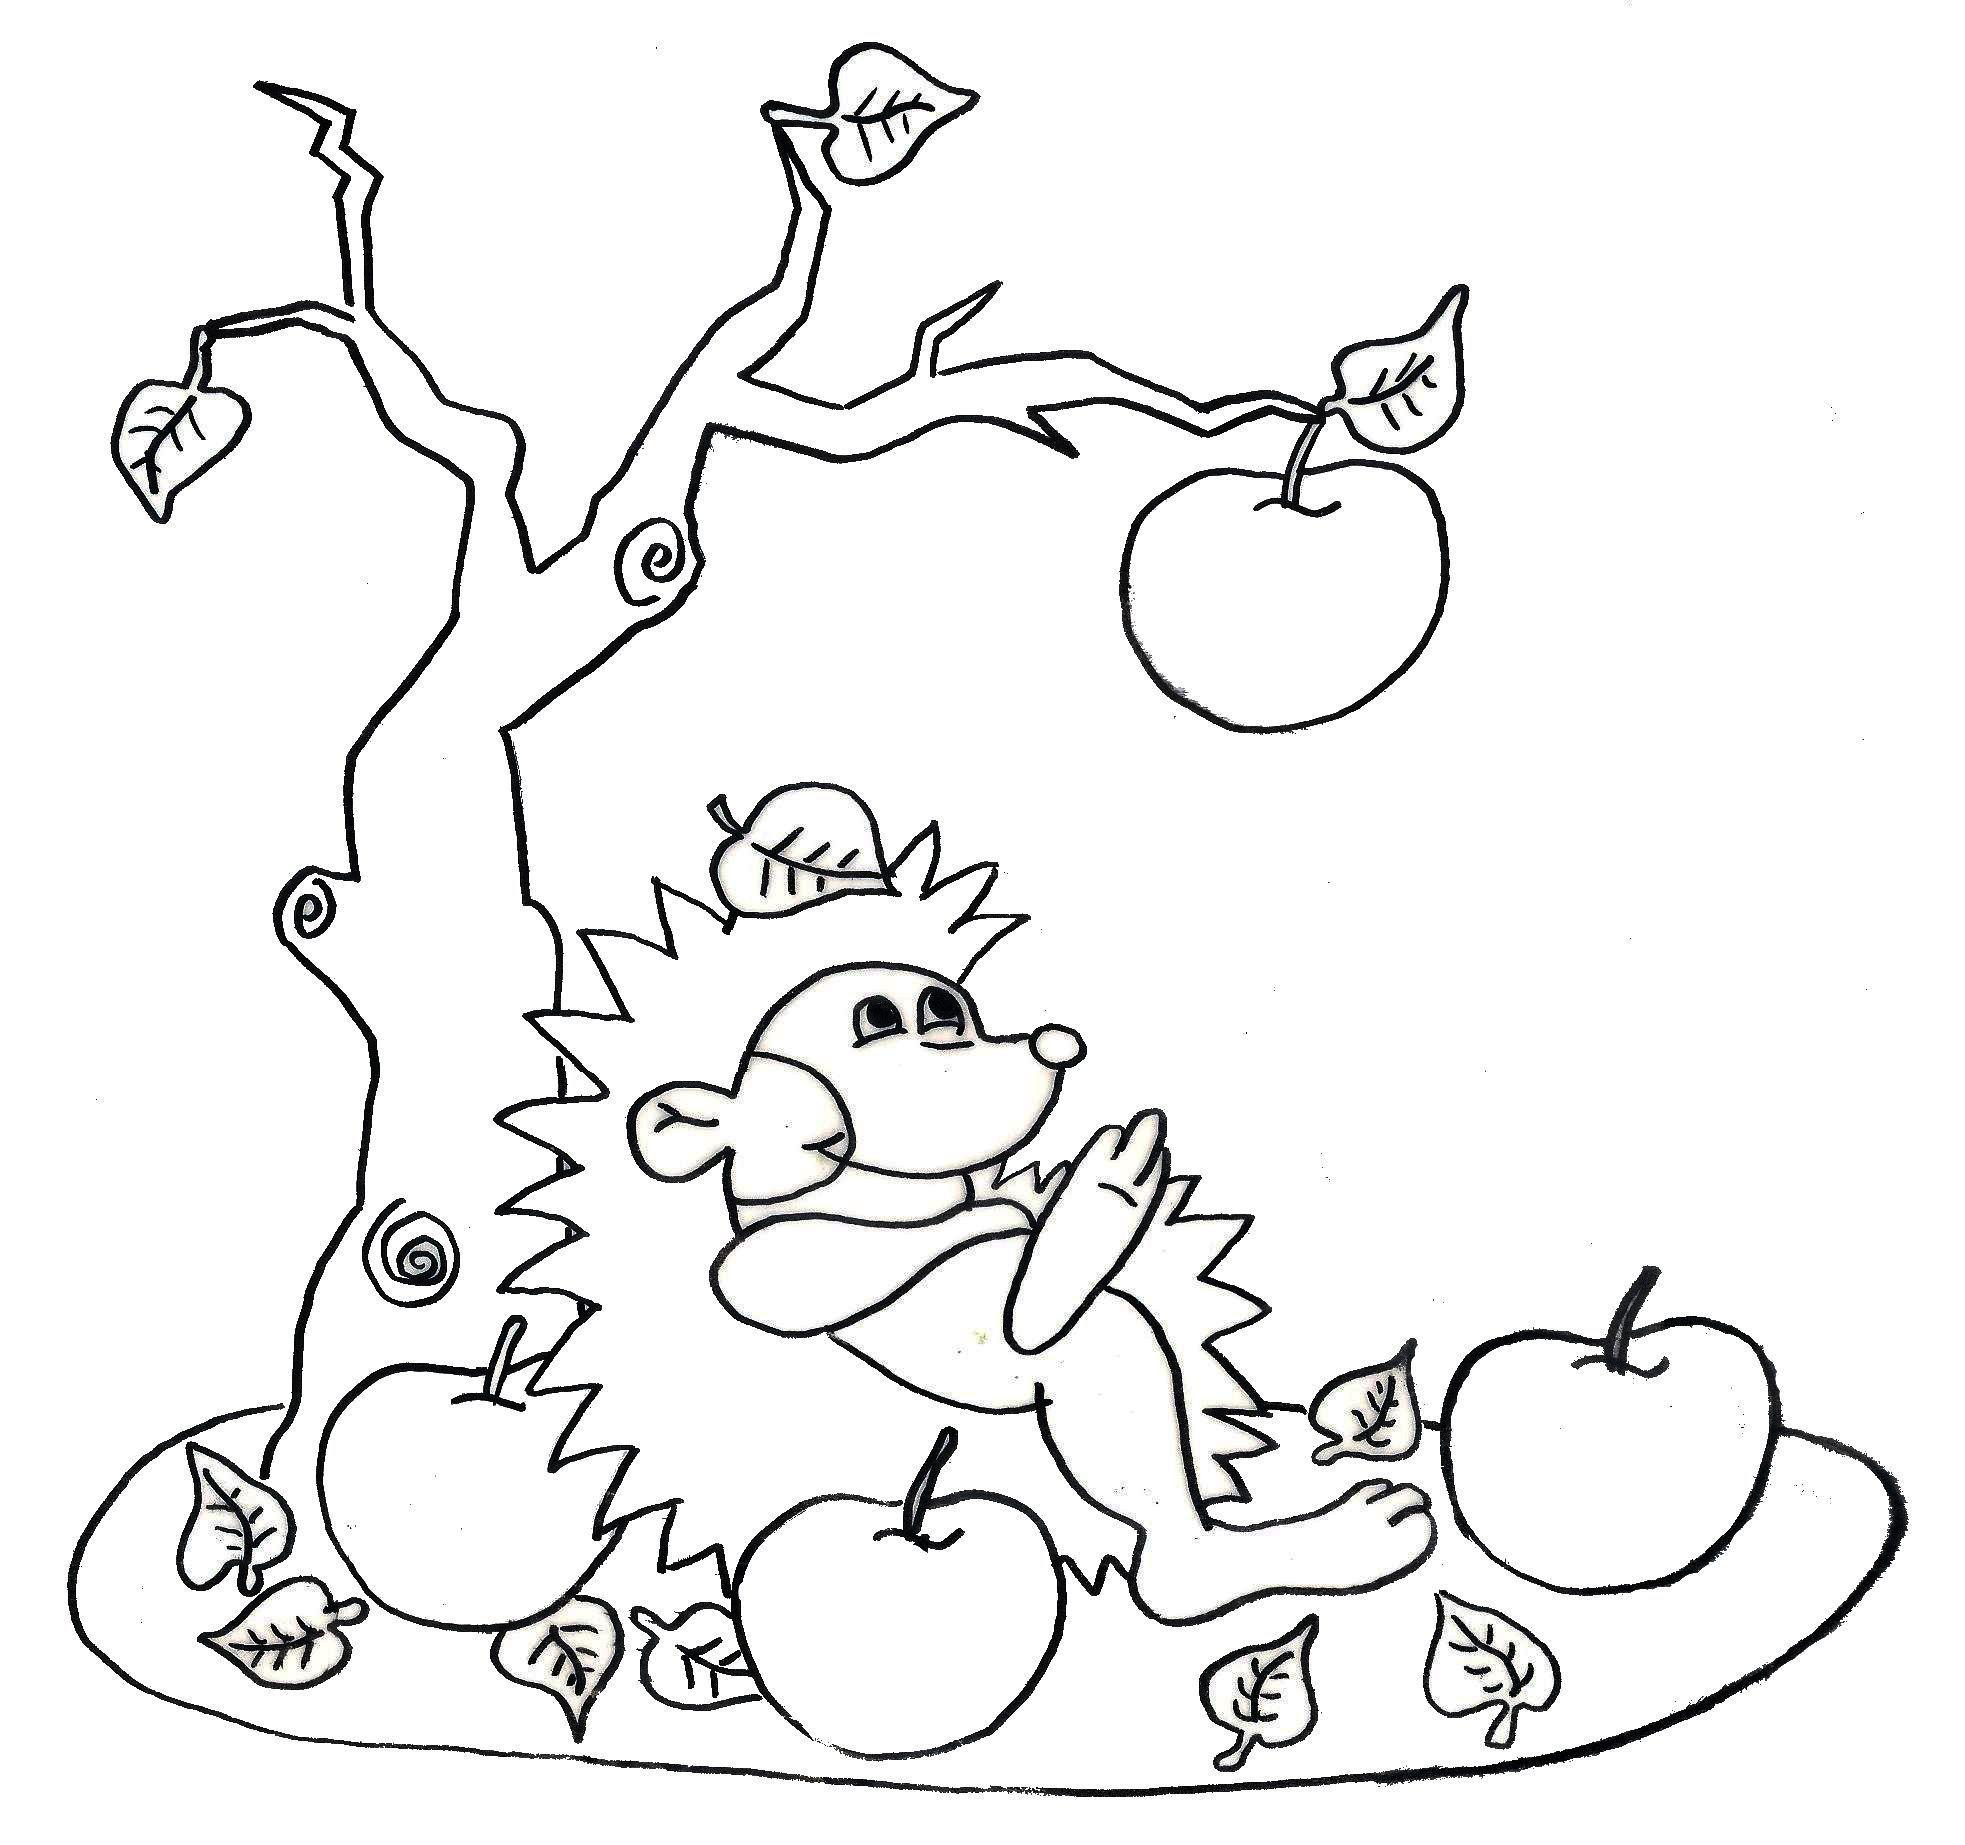 H risson et pommes d 39 automne - Herisson coloriage ...